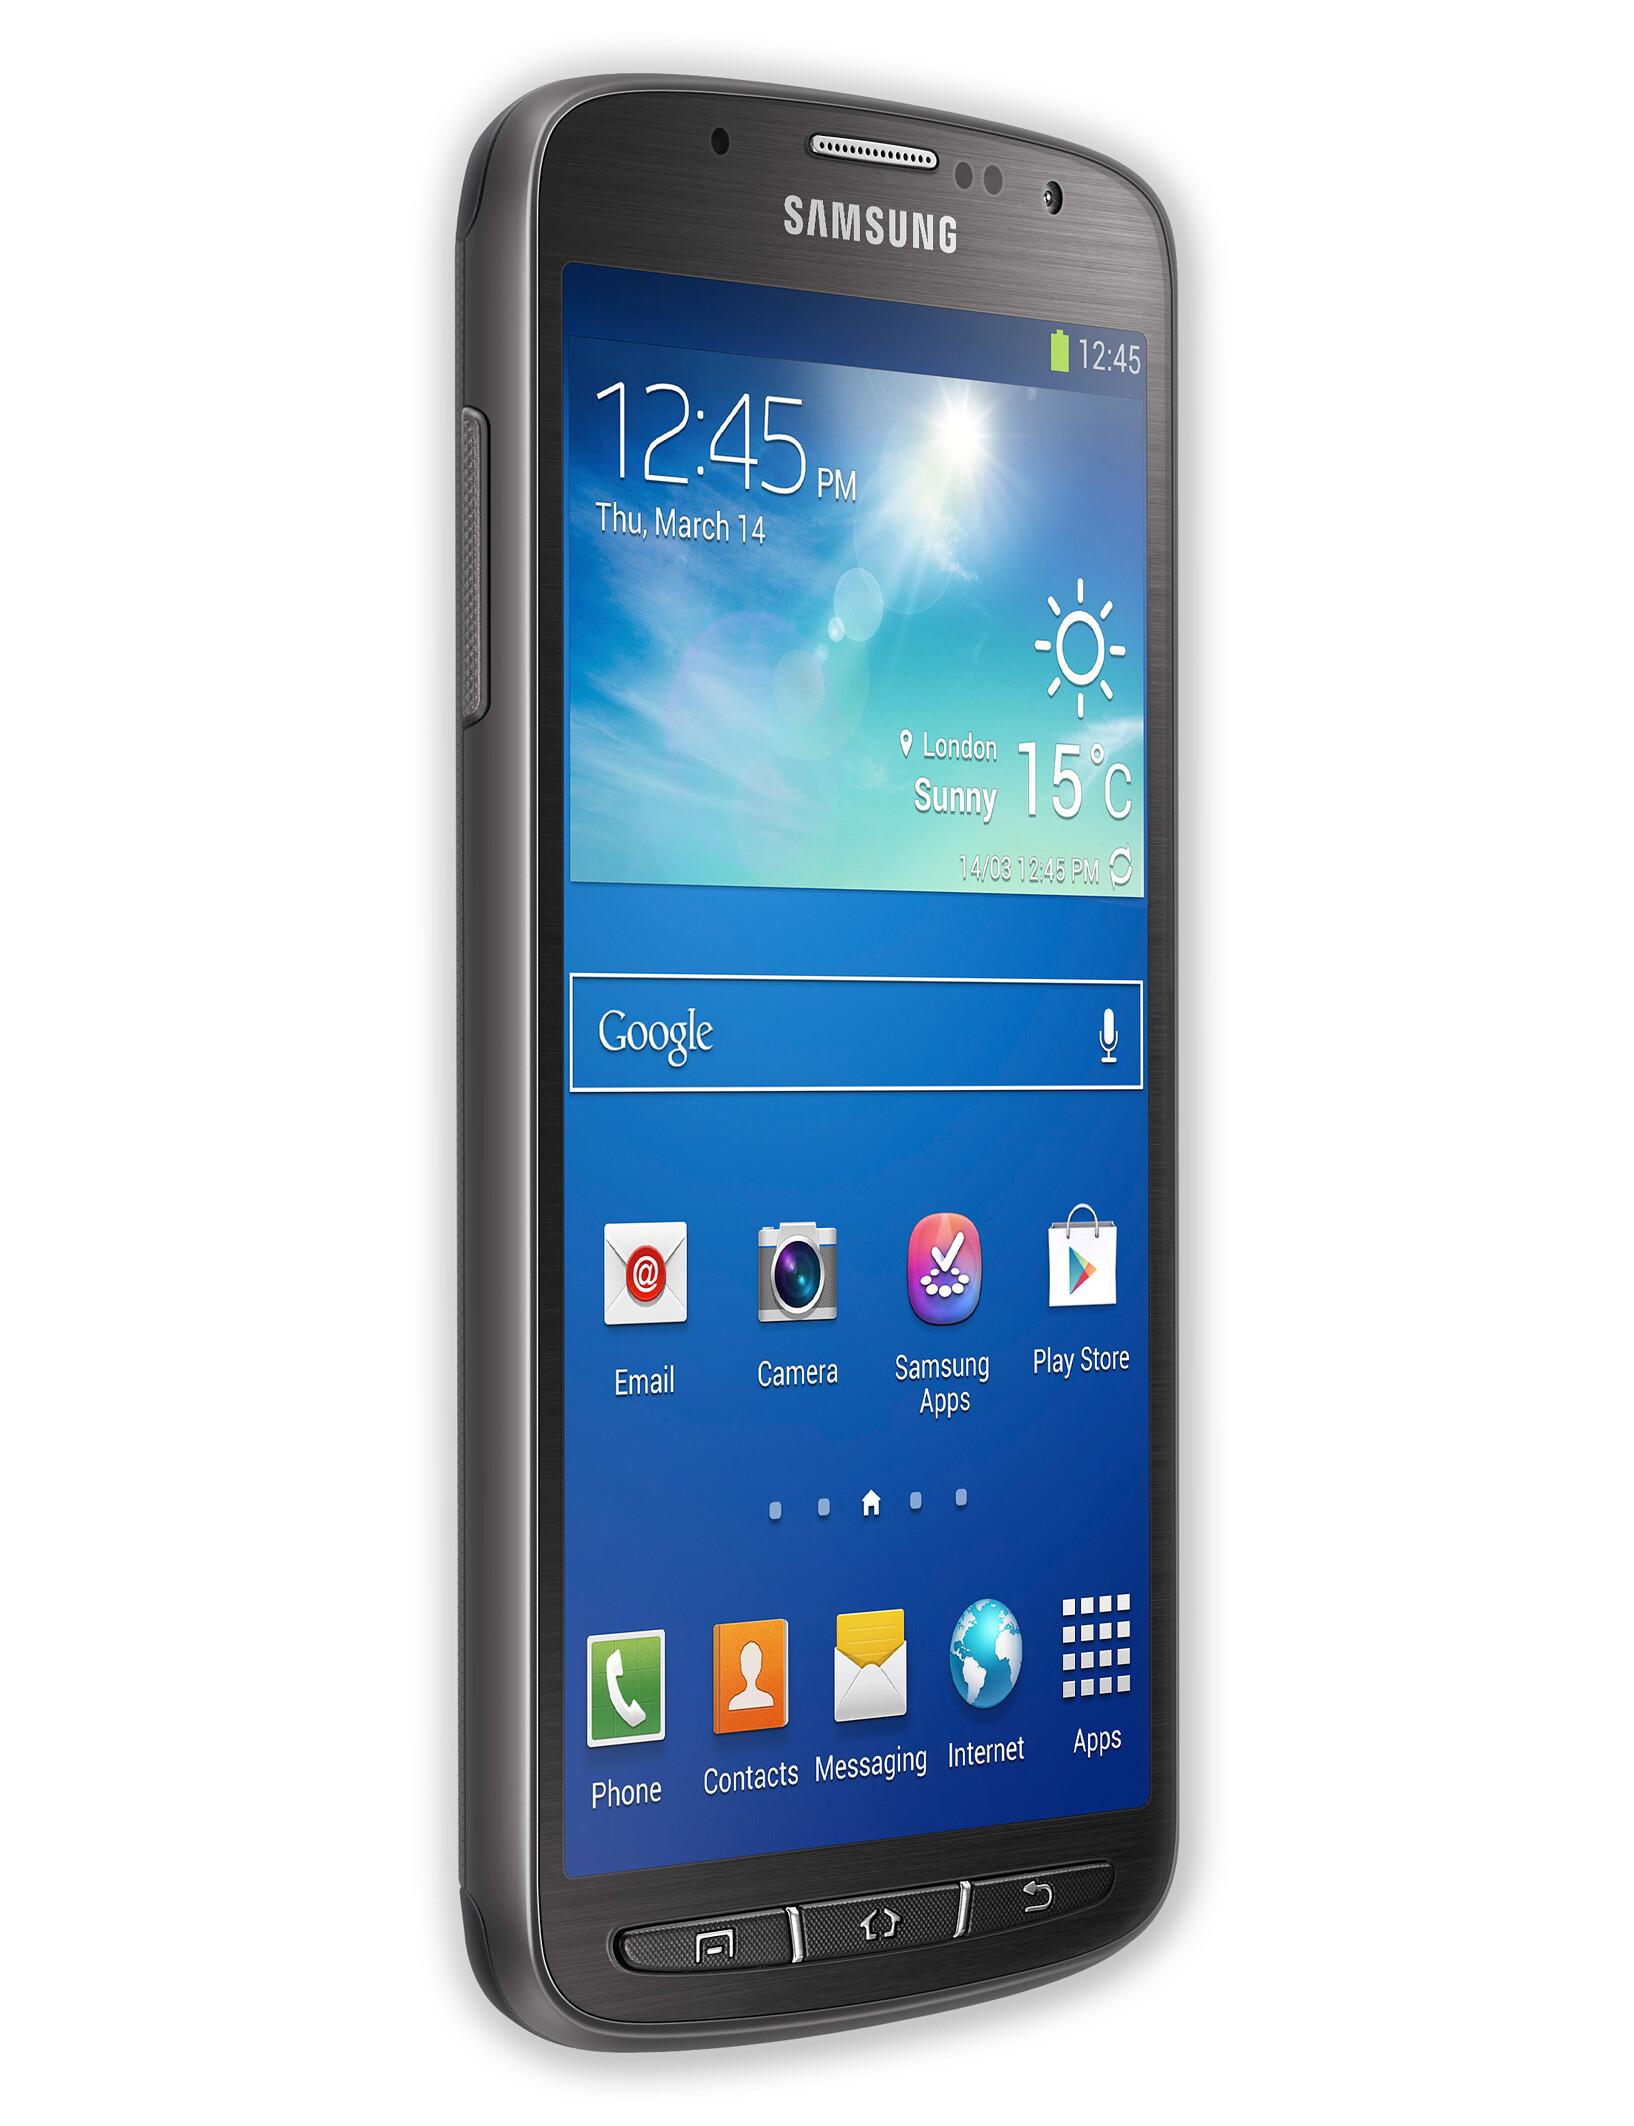 Galaxy s4 release date in Perth